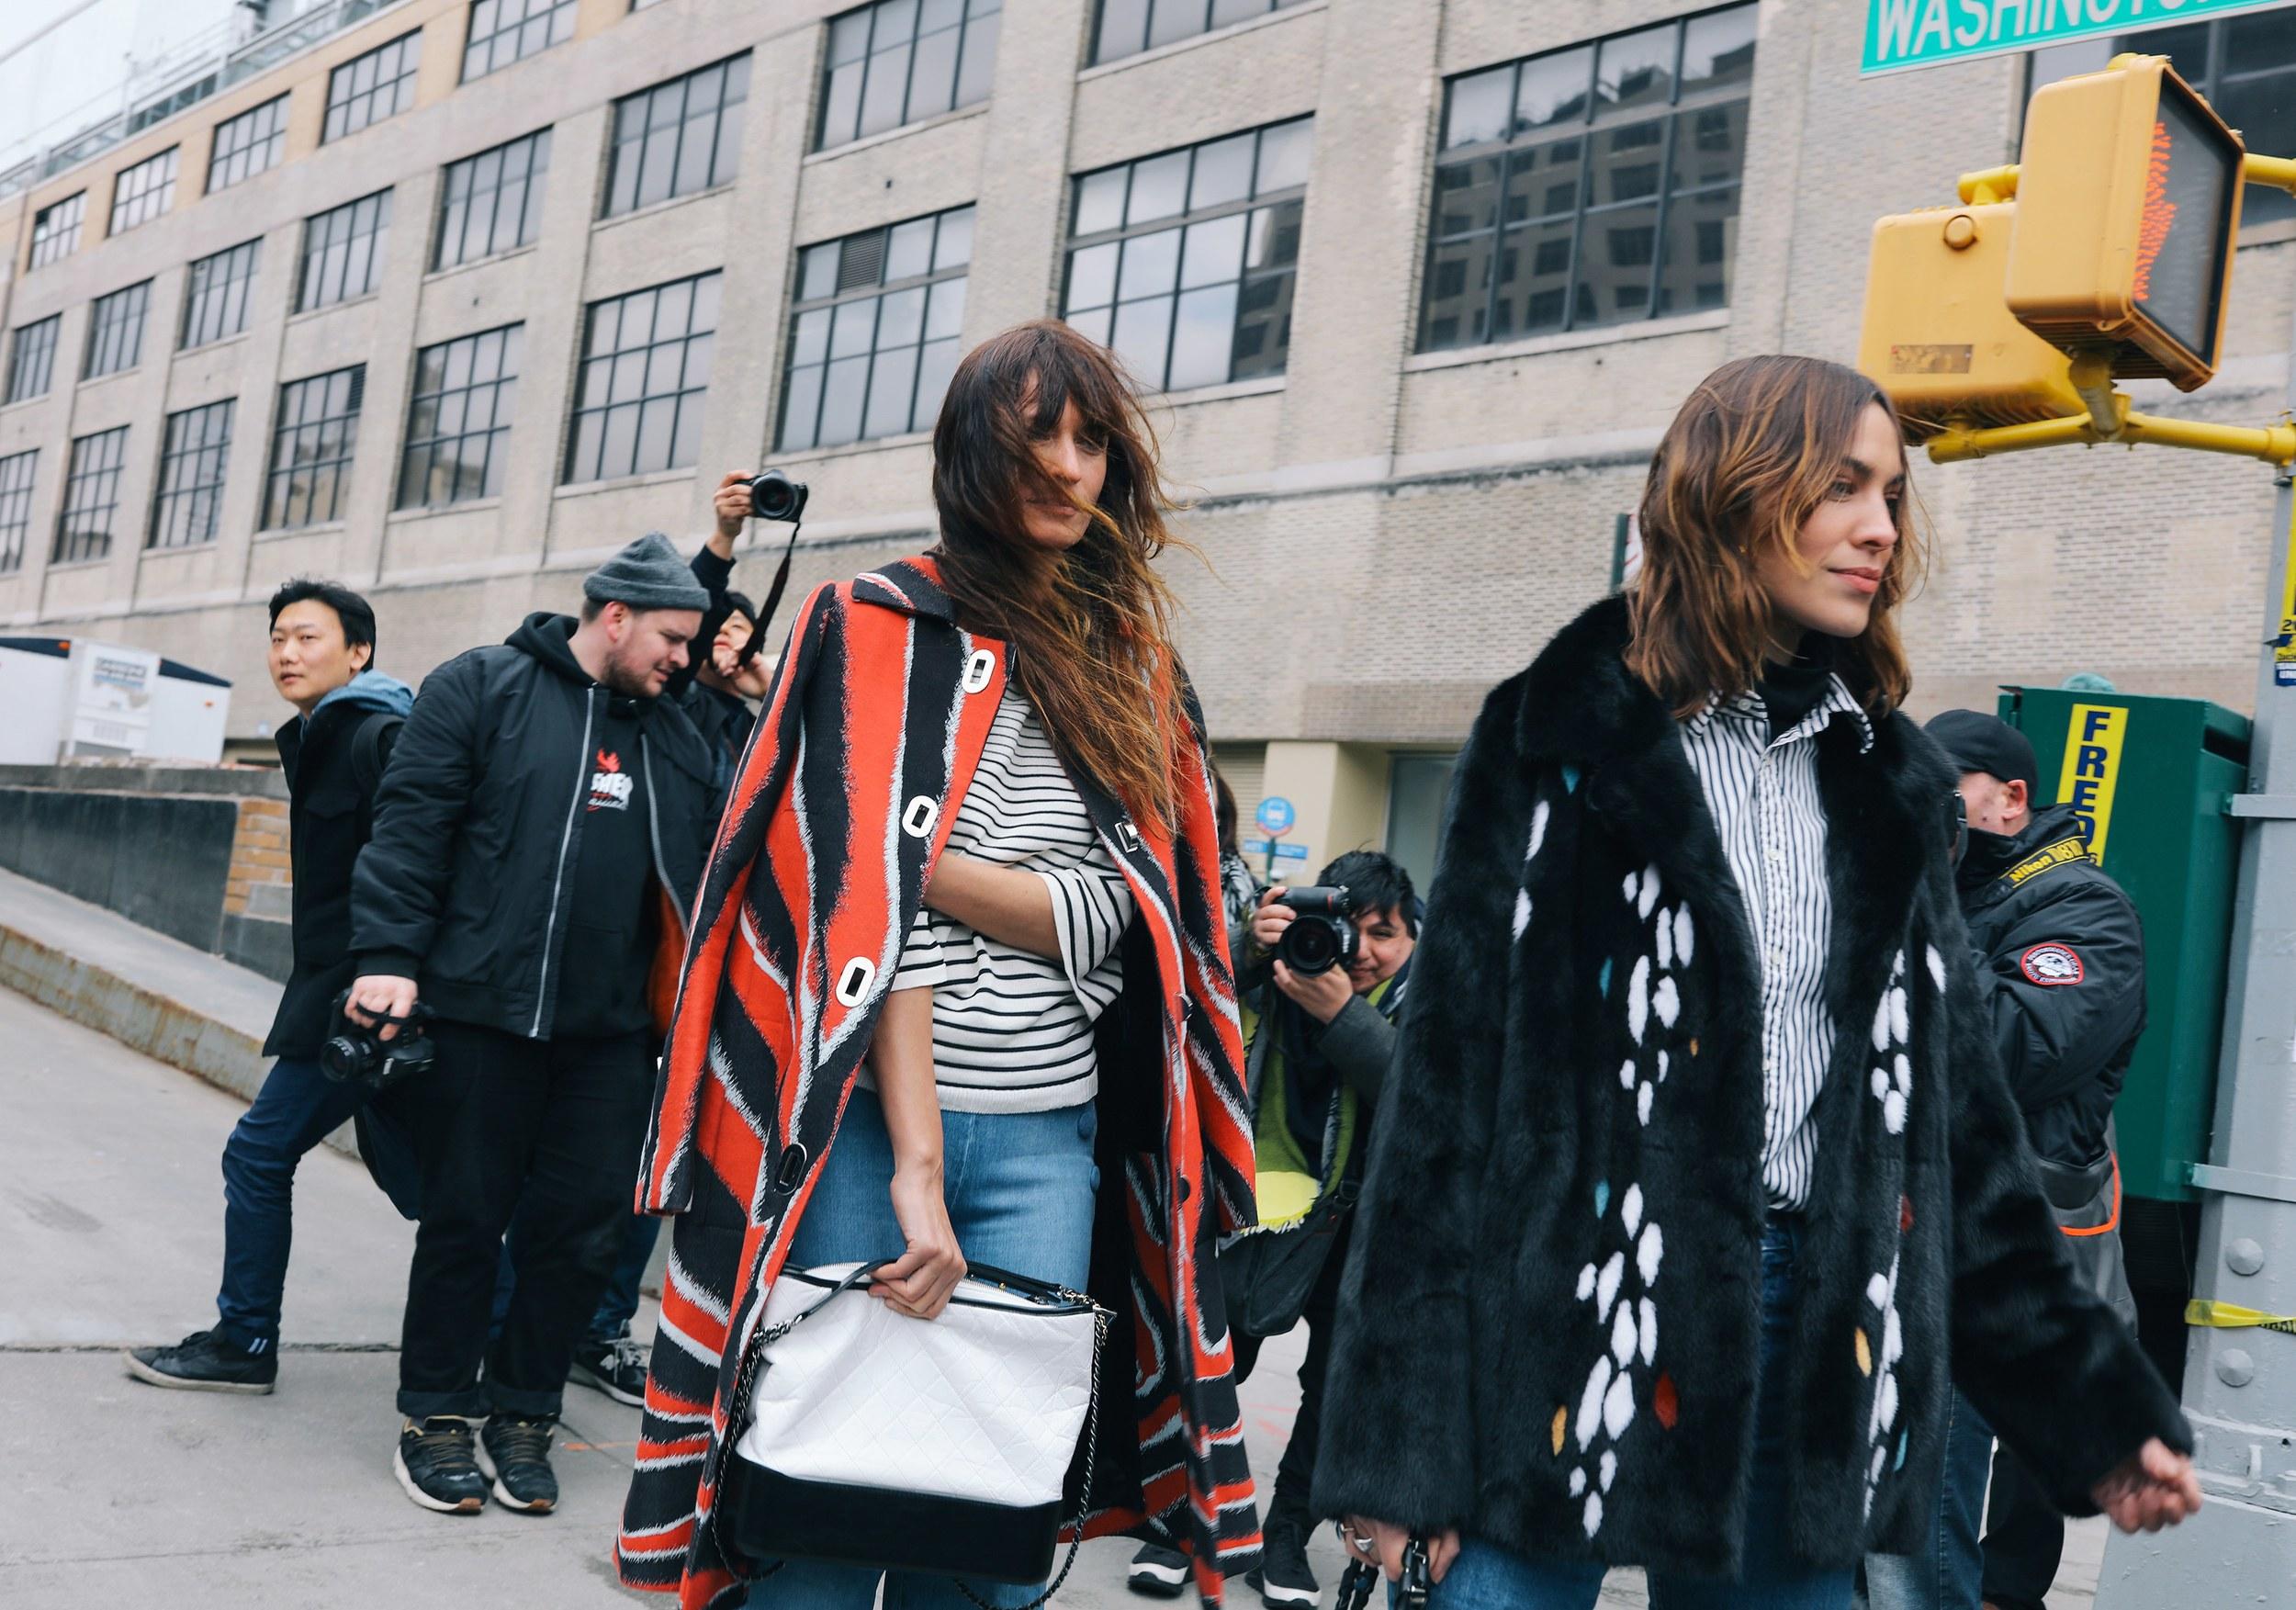 Chiêm ngưỡng đặc sản street style đẹp khó rời mắt tại Tuần lễ thời trang New York - Ảnh 12.